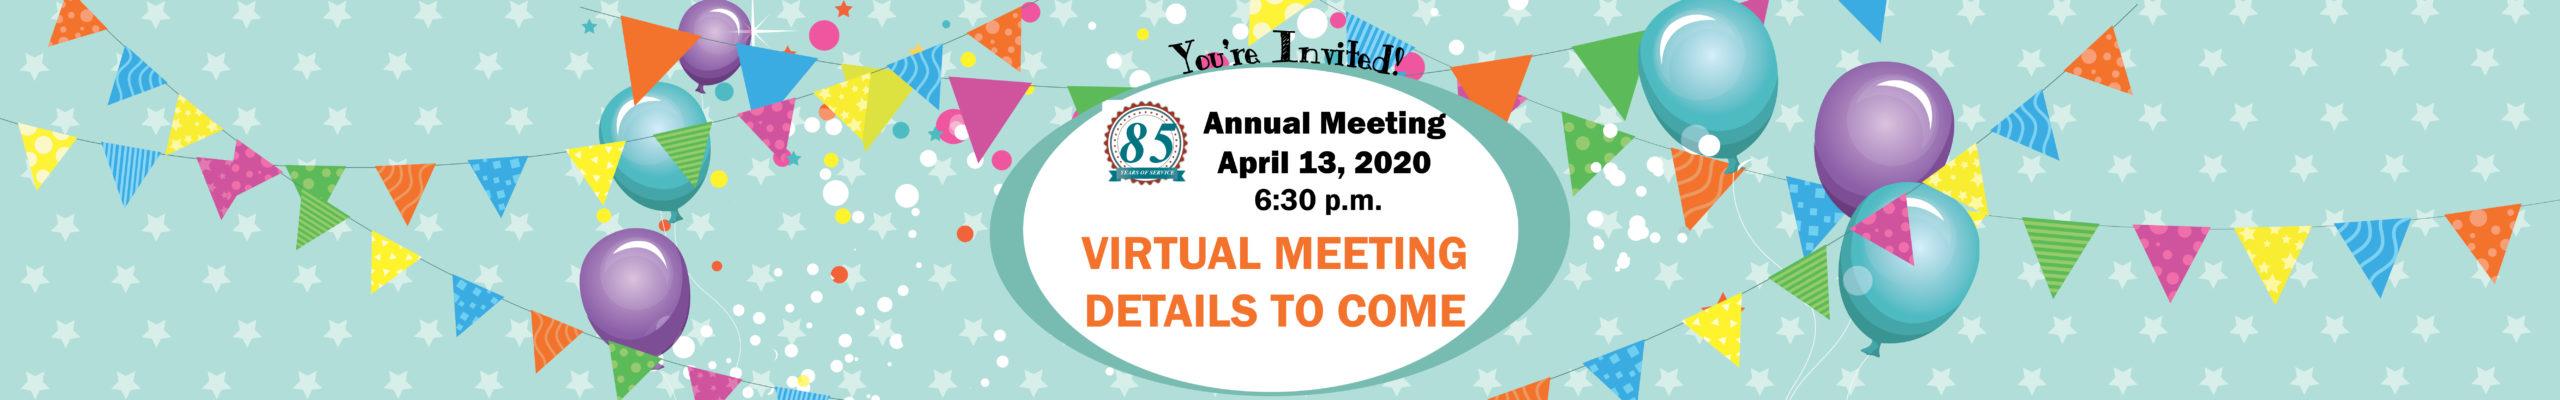 2020 Annual Meetin